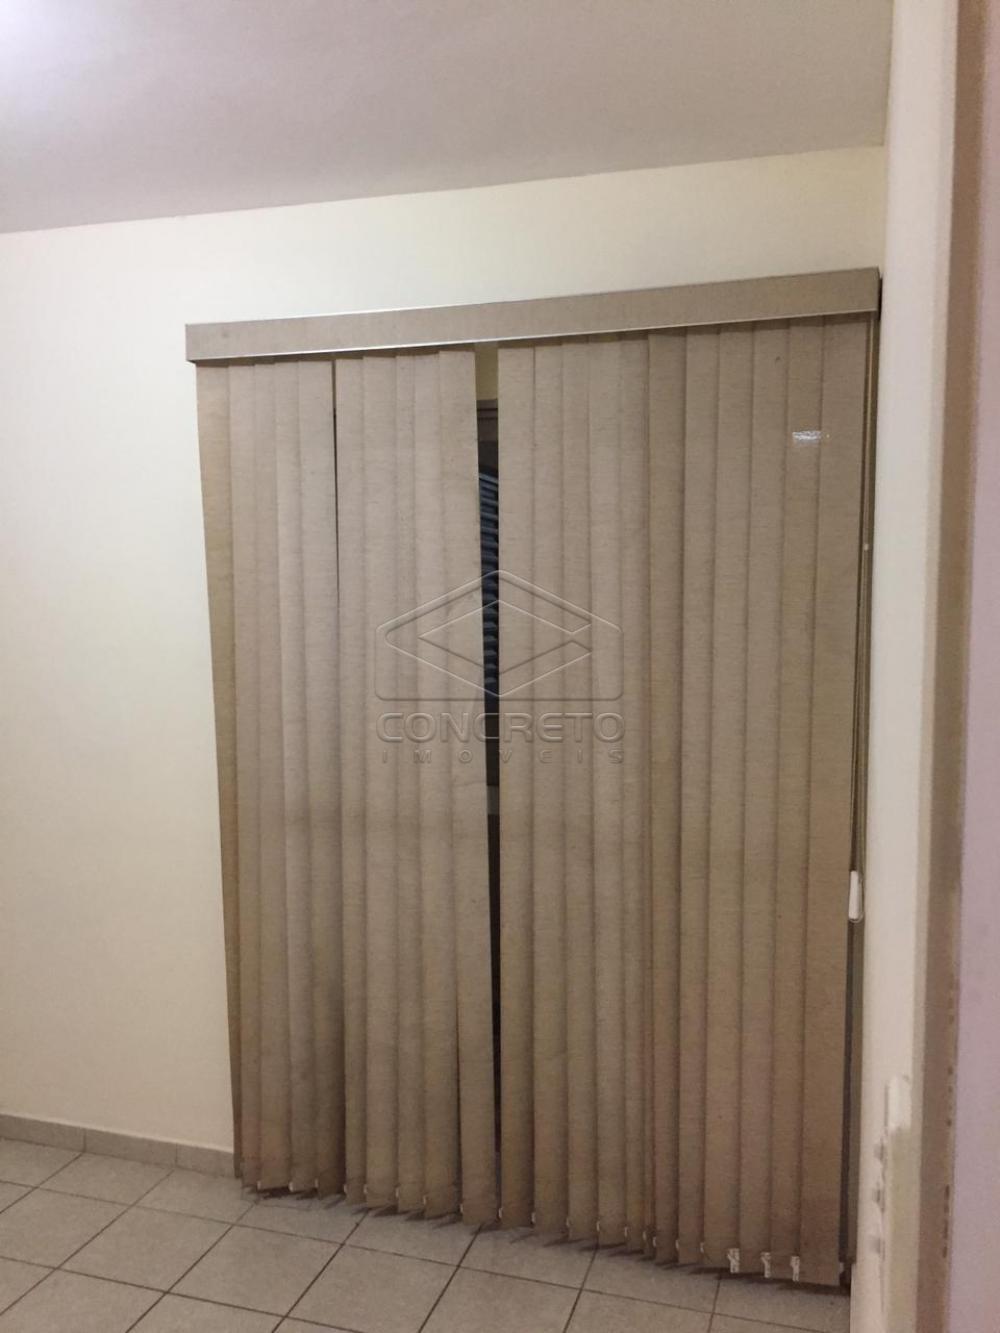 Comprar Apartamento / Padrão em Bauru apenas R$ 165.000,00 - Foto 8